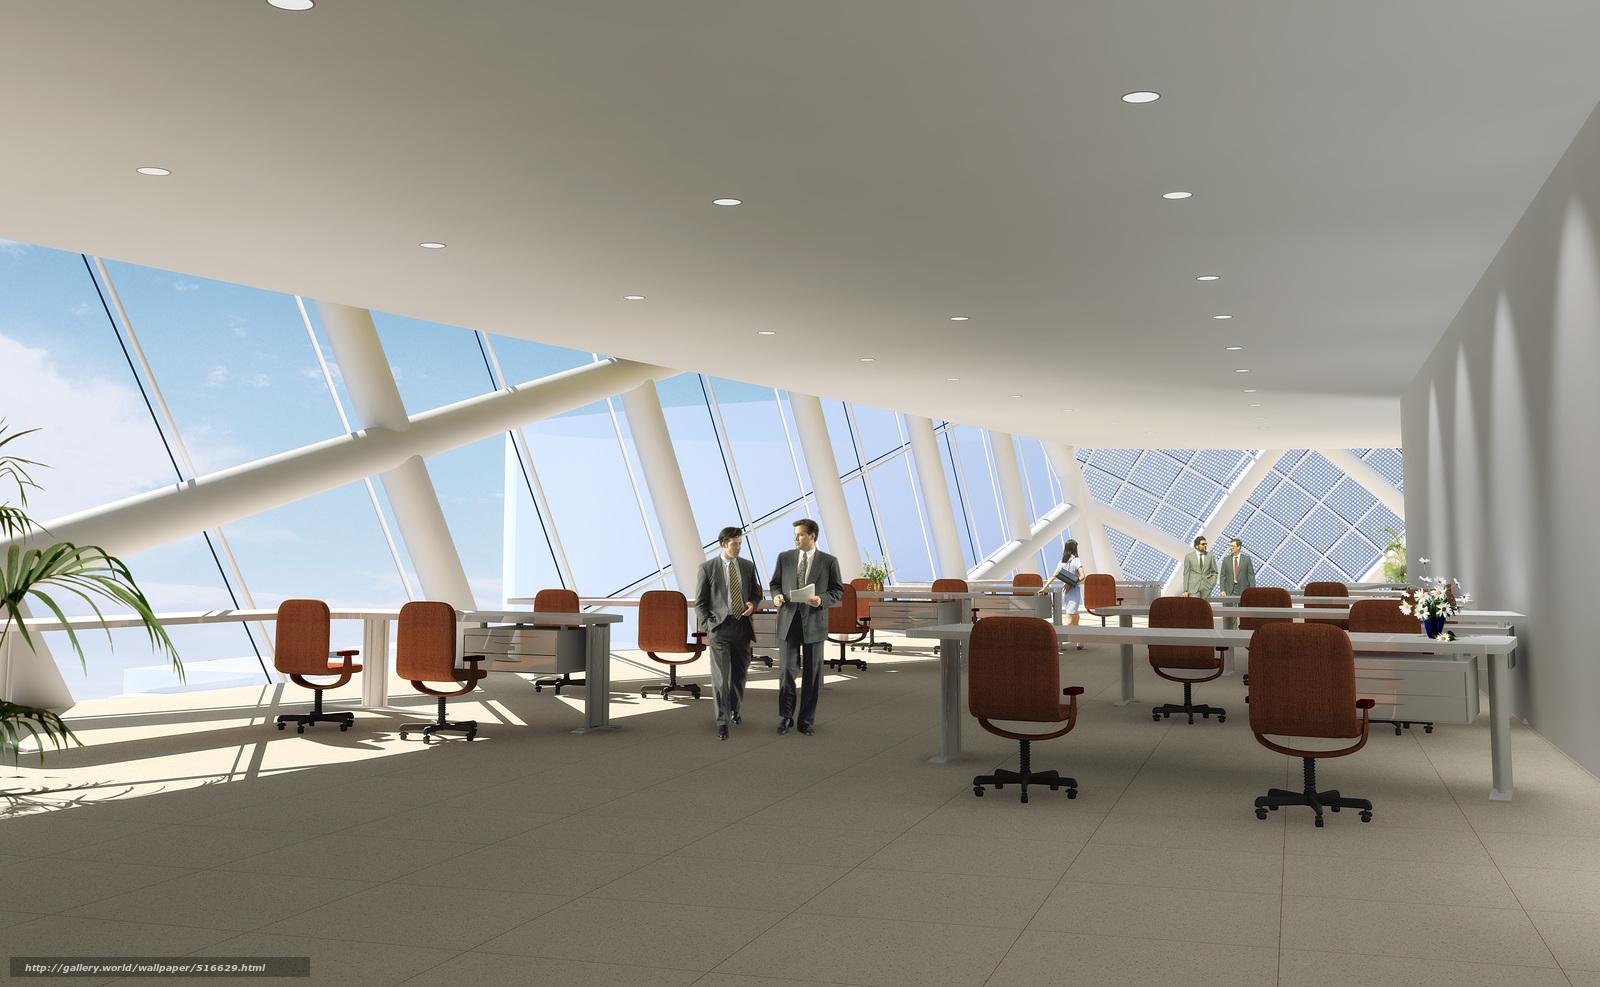 Classroom Wallpaper Design ~ Download wallpaper conference hall classroom design